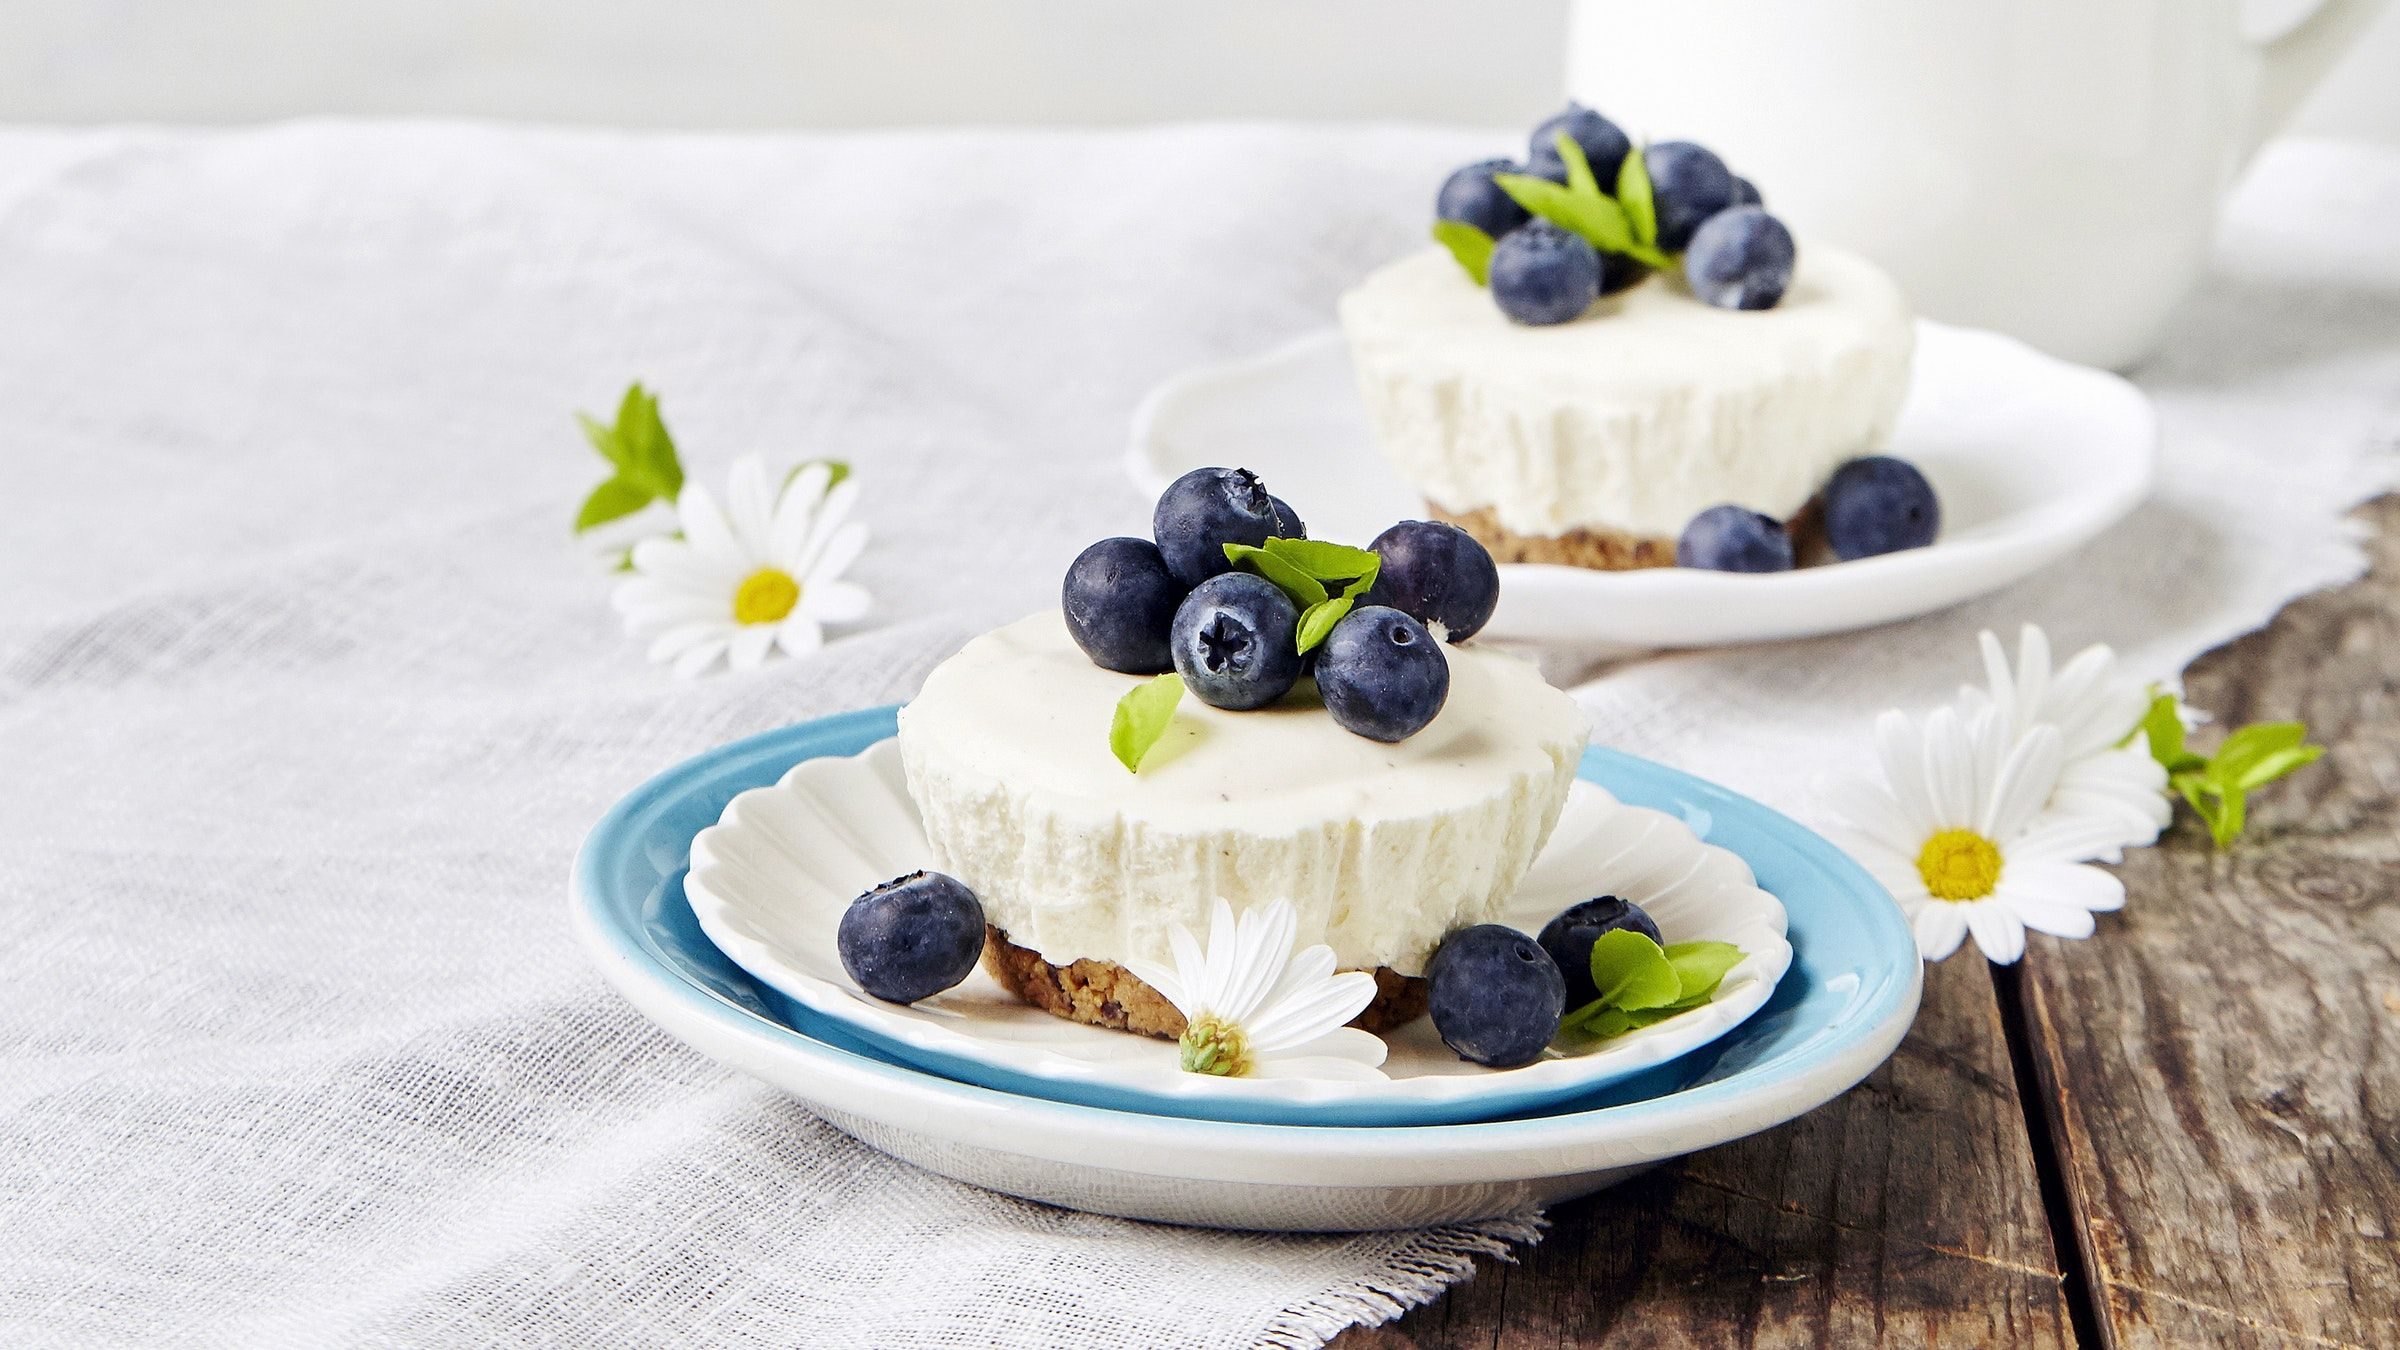 Pienet, suloiset juustokakut ovat gluteenittomia, mutta voit halutessasi käyttää pohjiin myös muita keksejä. Resepti vain noin 0,95 €/annos*.